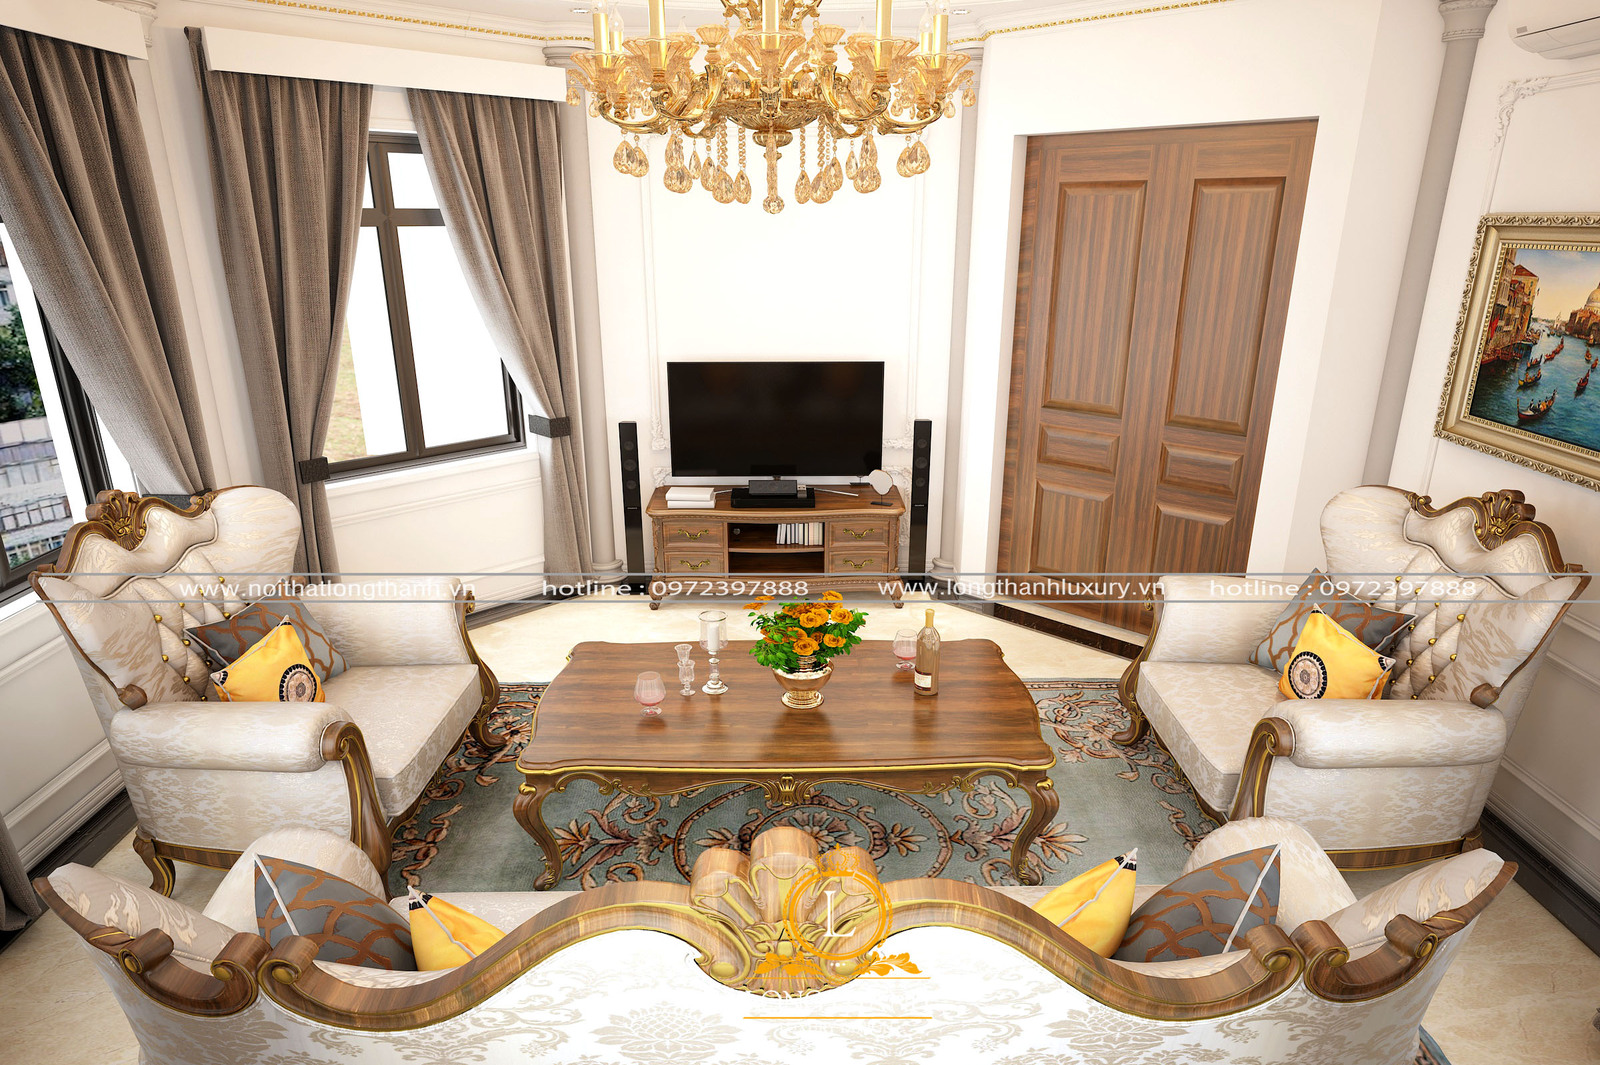 Không gian phòng khách nhà biệt thự nhẹ nhàng ấm cúng